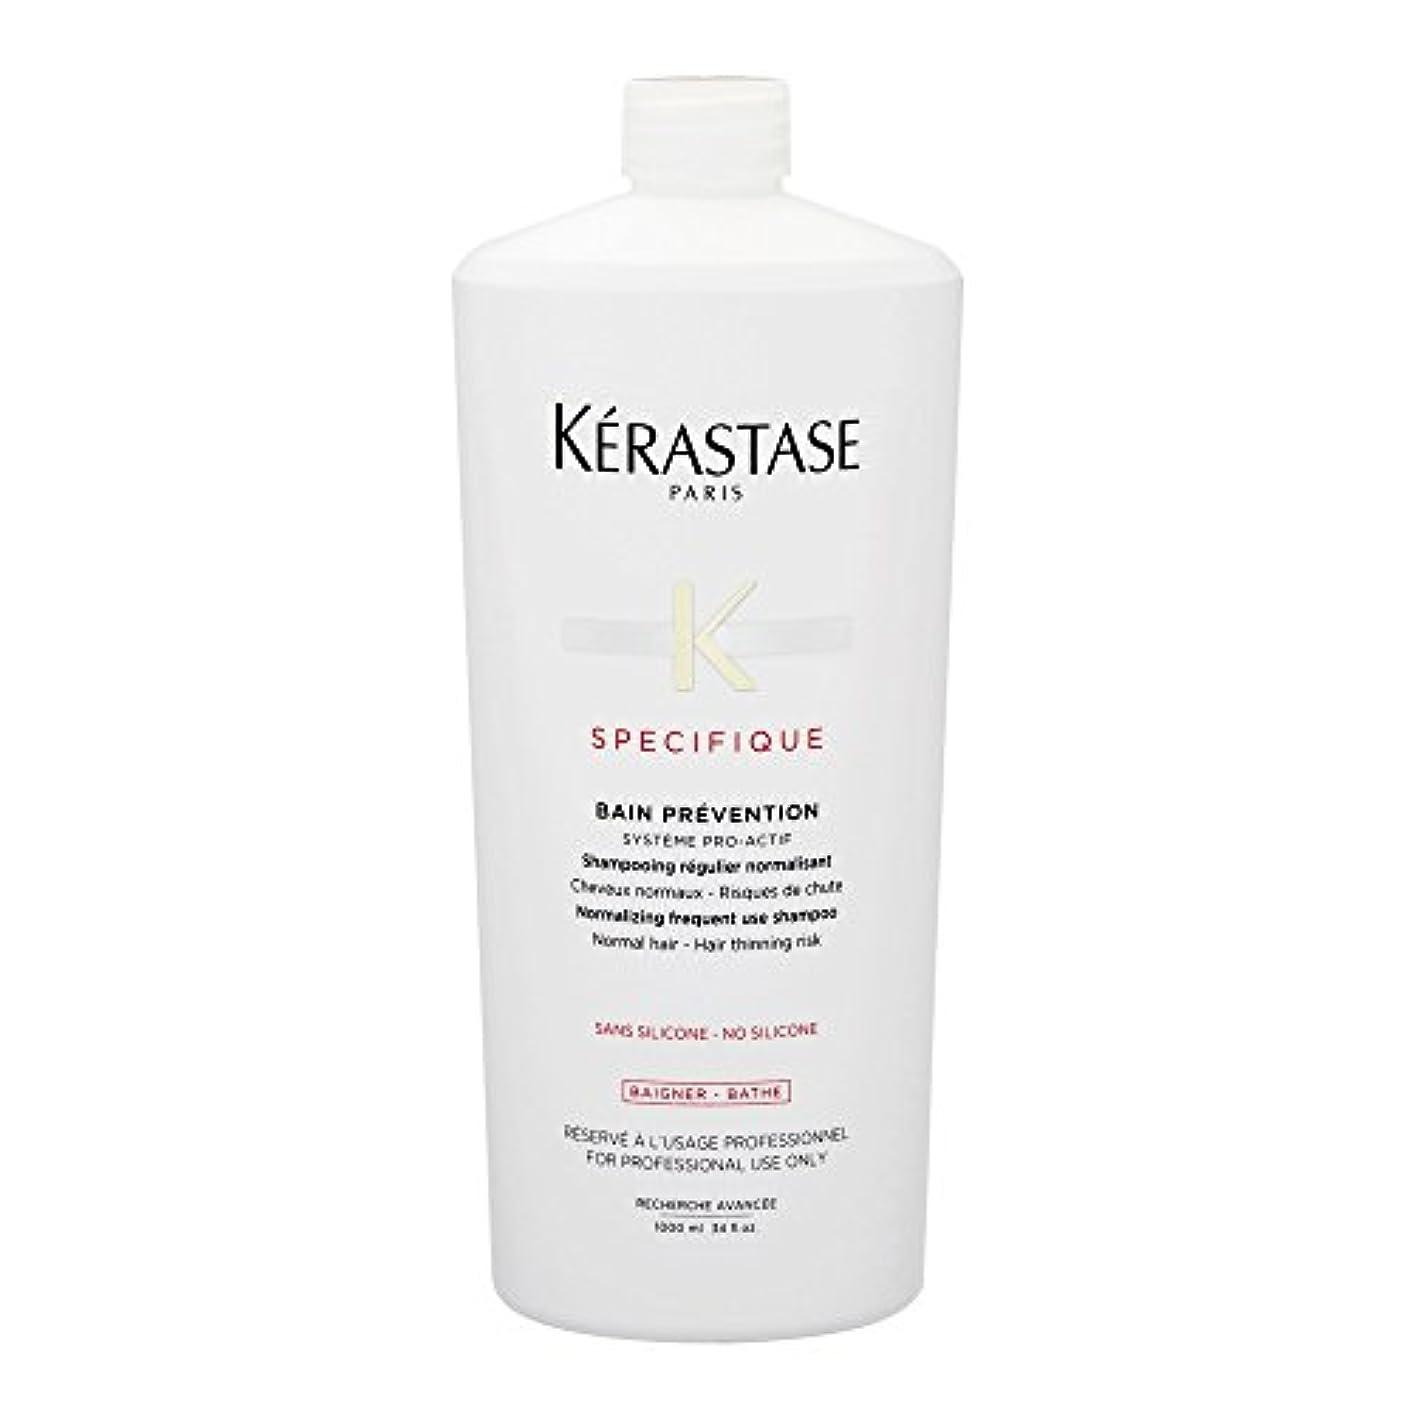 撤退断片貯水池ケラスターゼ(KERASTASE) スペシフィック SP バン プレバシオン EX<ビッグサイズ> 1000ml [並行輸入品]